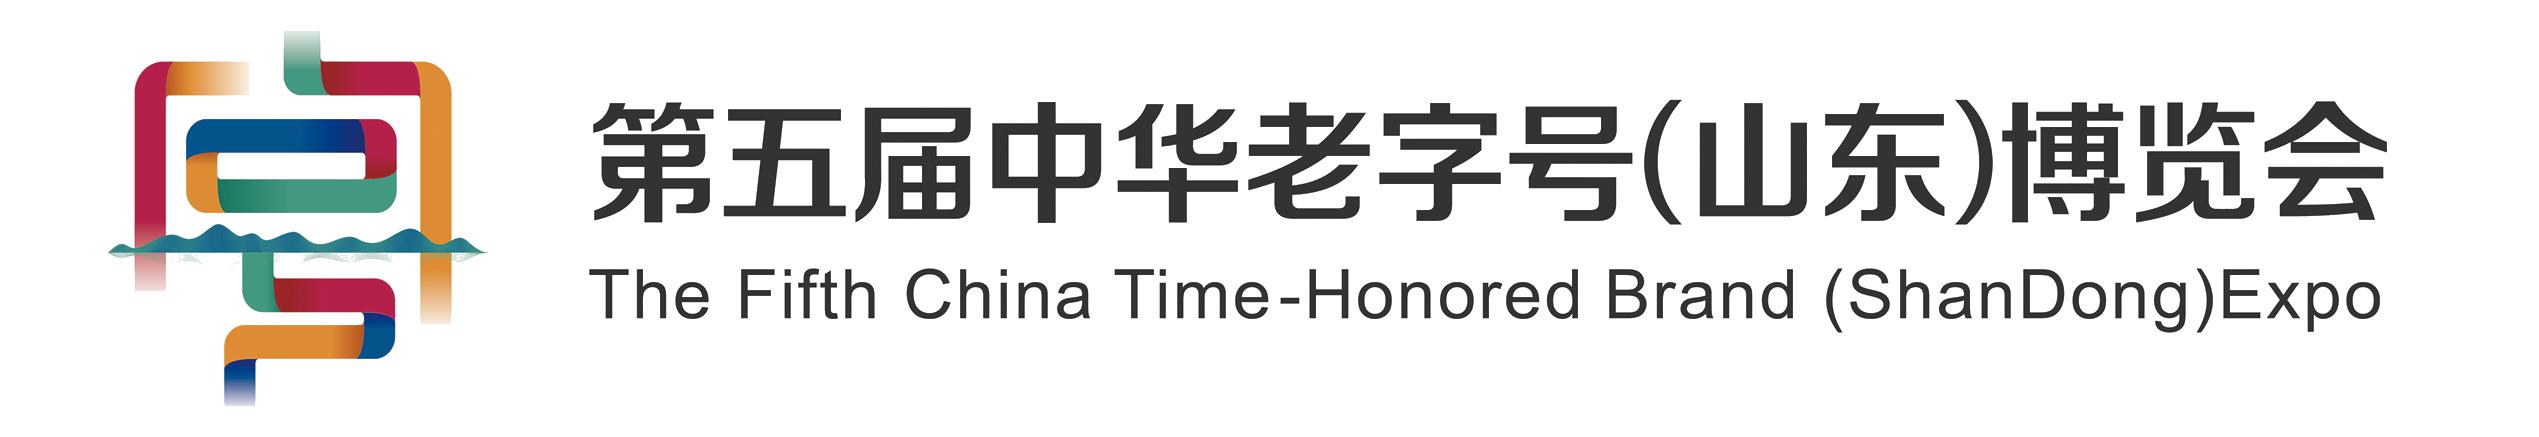 中华老字号博览会官方网站-2021第五届中华老字号(山东)博览会